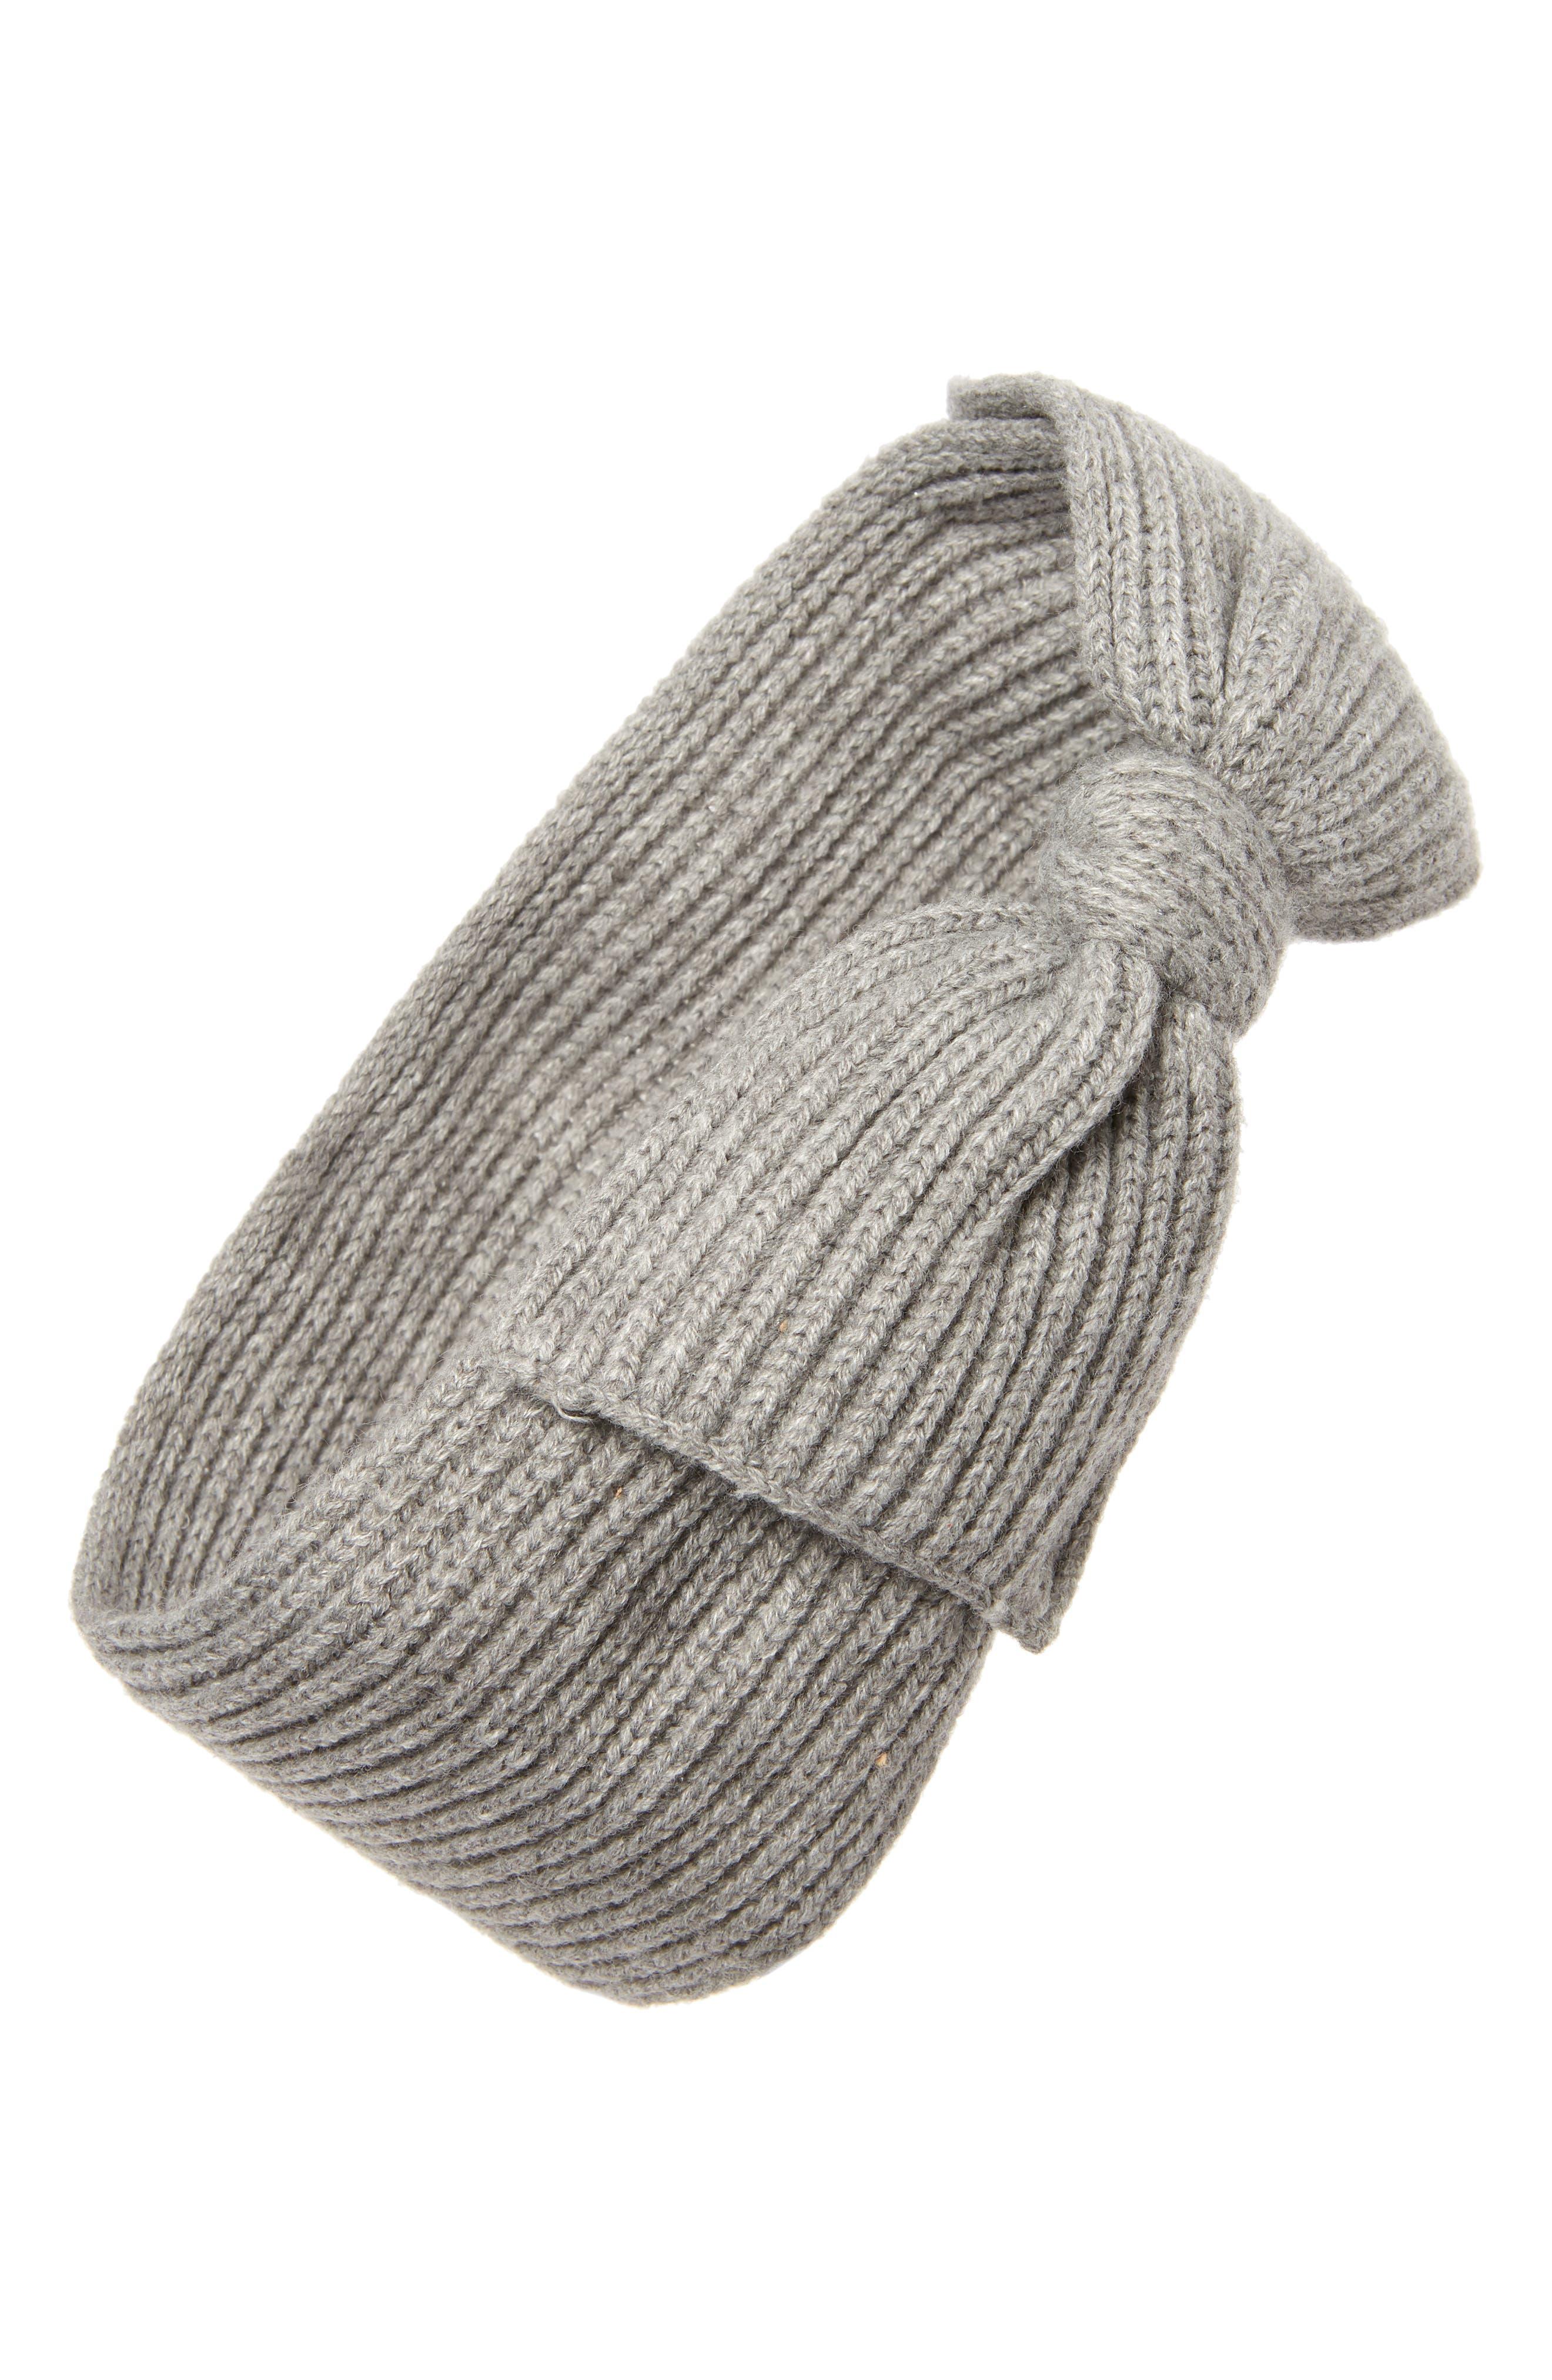 bow knit headband,                             Main thumbnail 1, color,                             HEATHER GREY